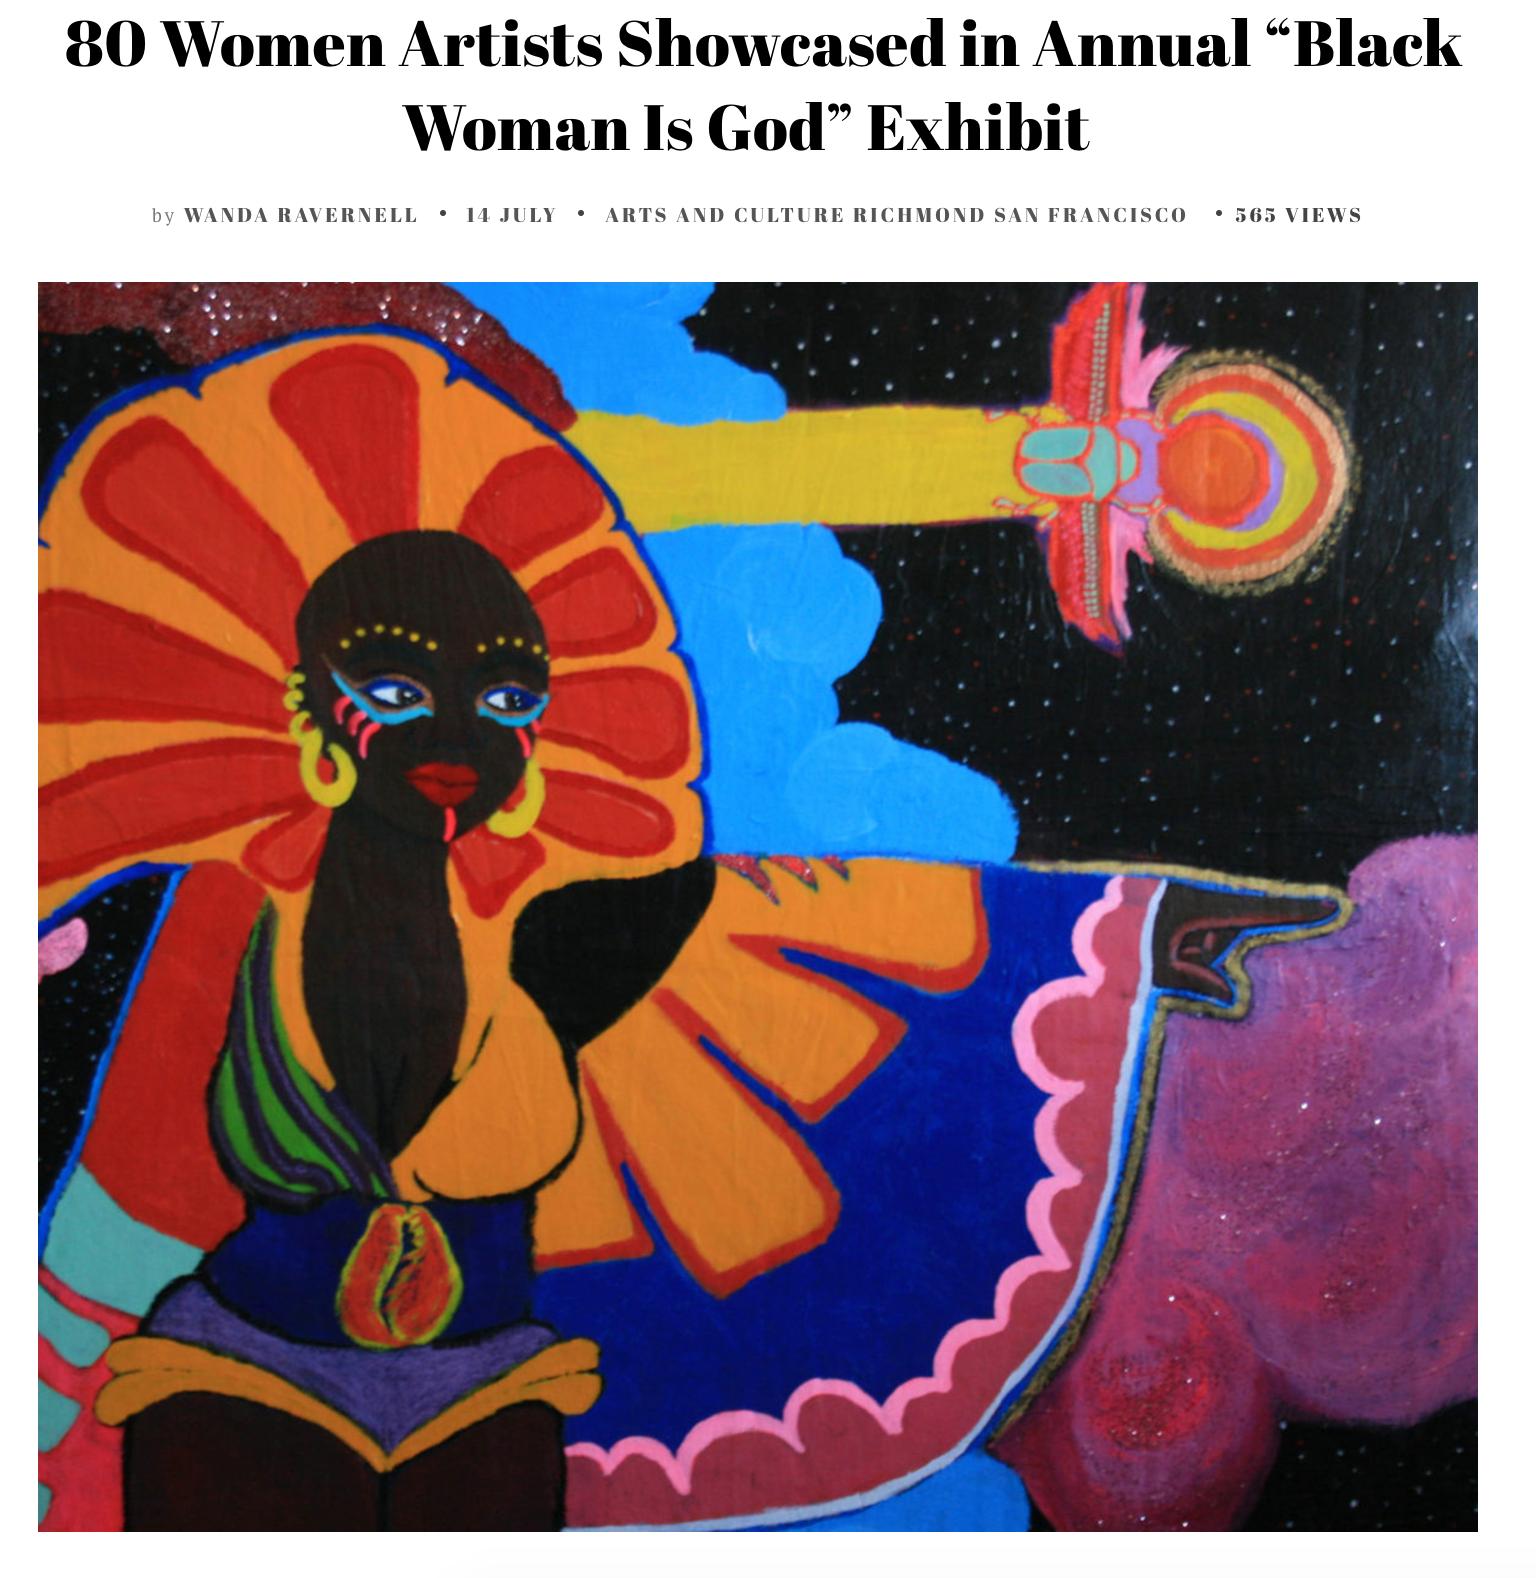 80 Women